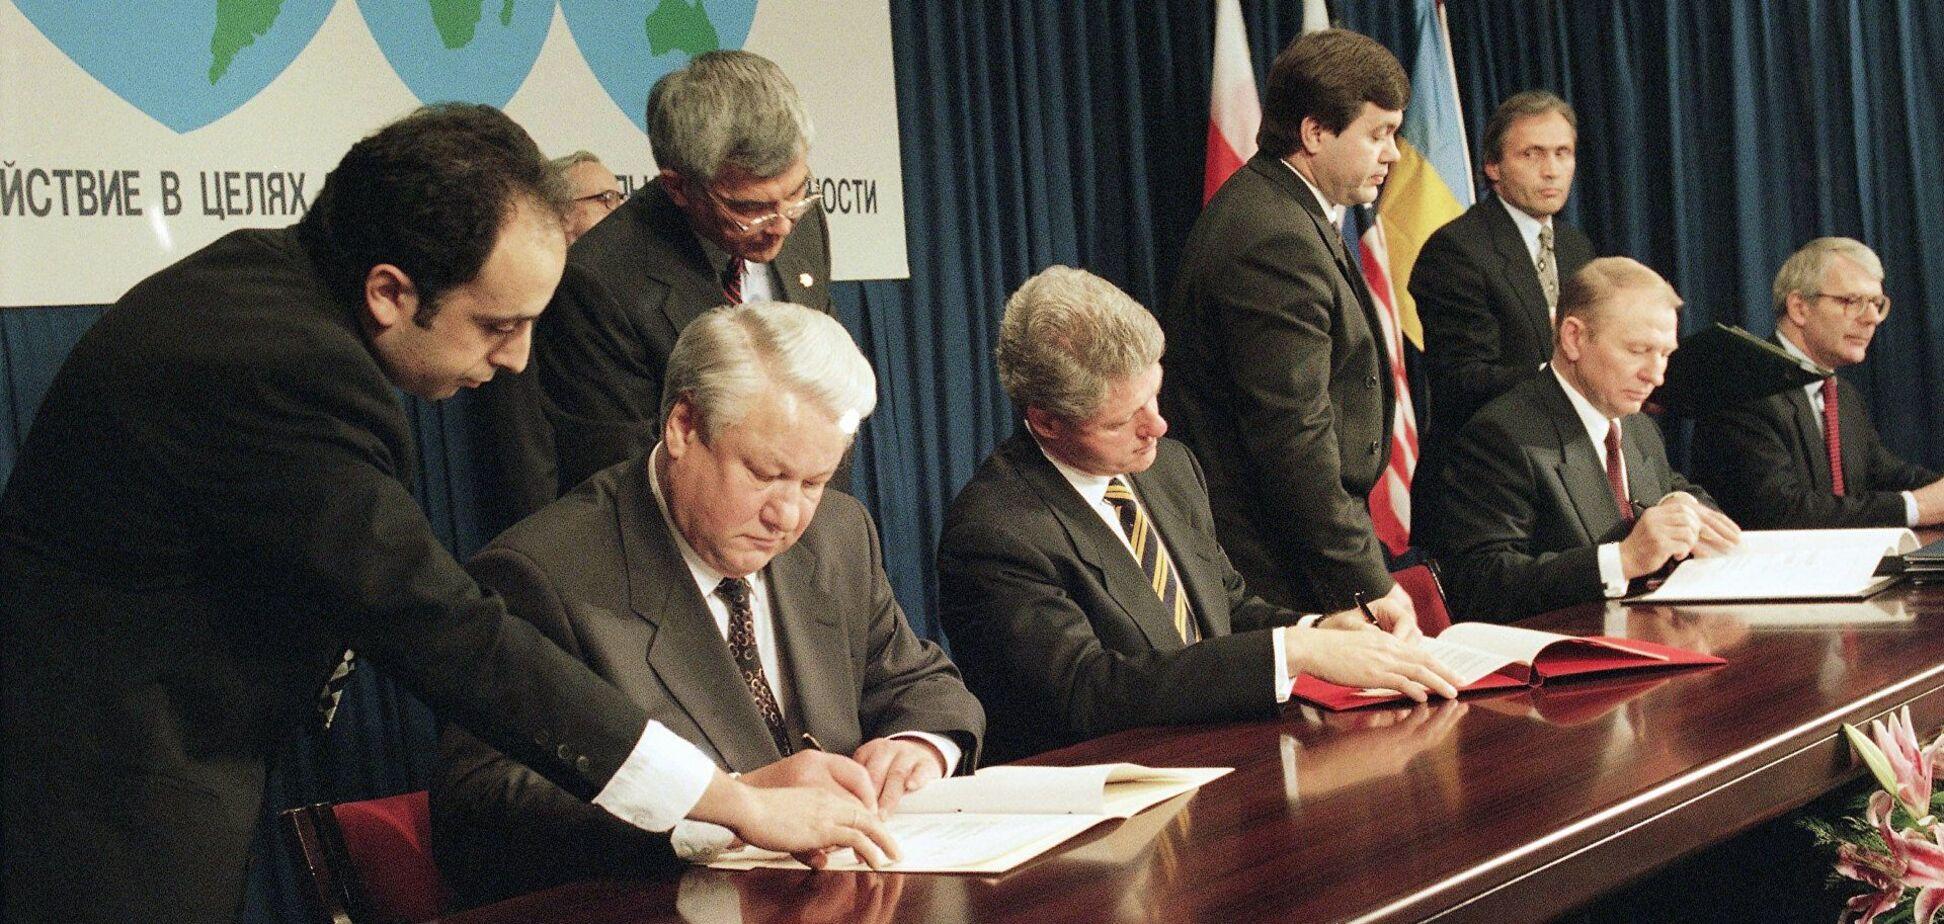 Подписание Будапештского меморандума 5 декабря 1994 года